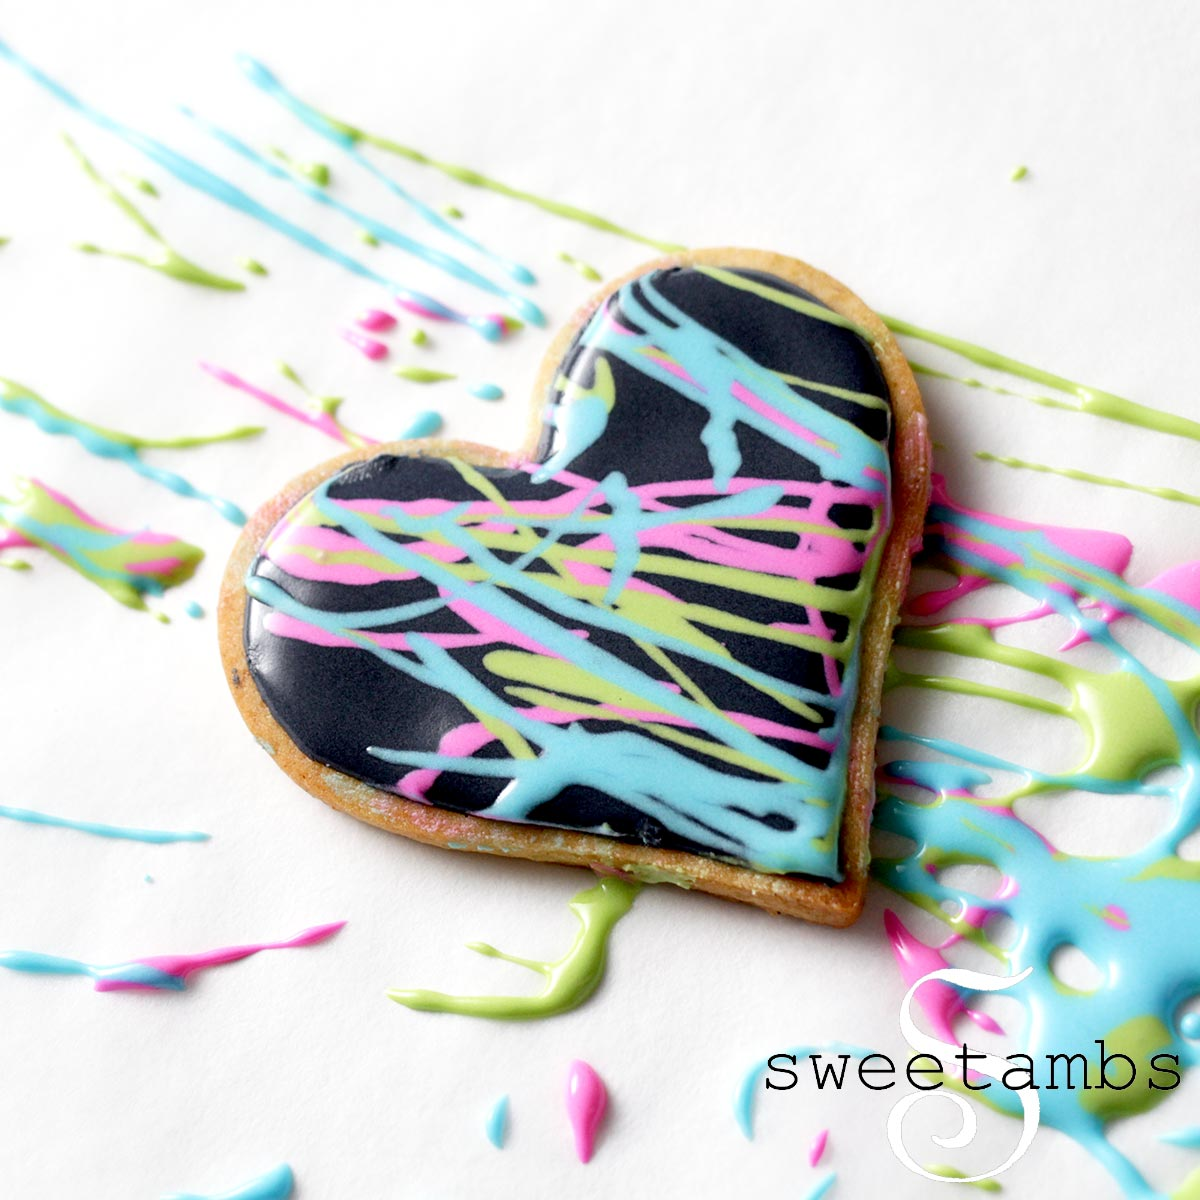 Neon-Splatter-Cookies1